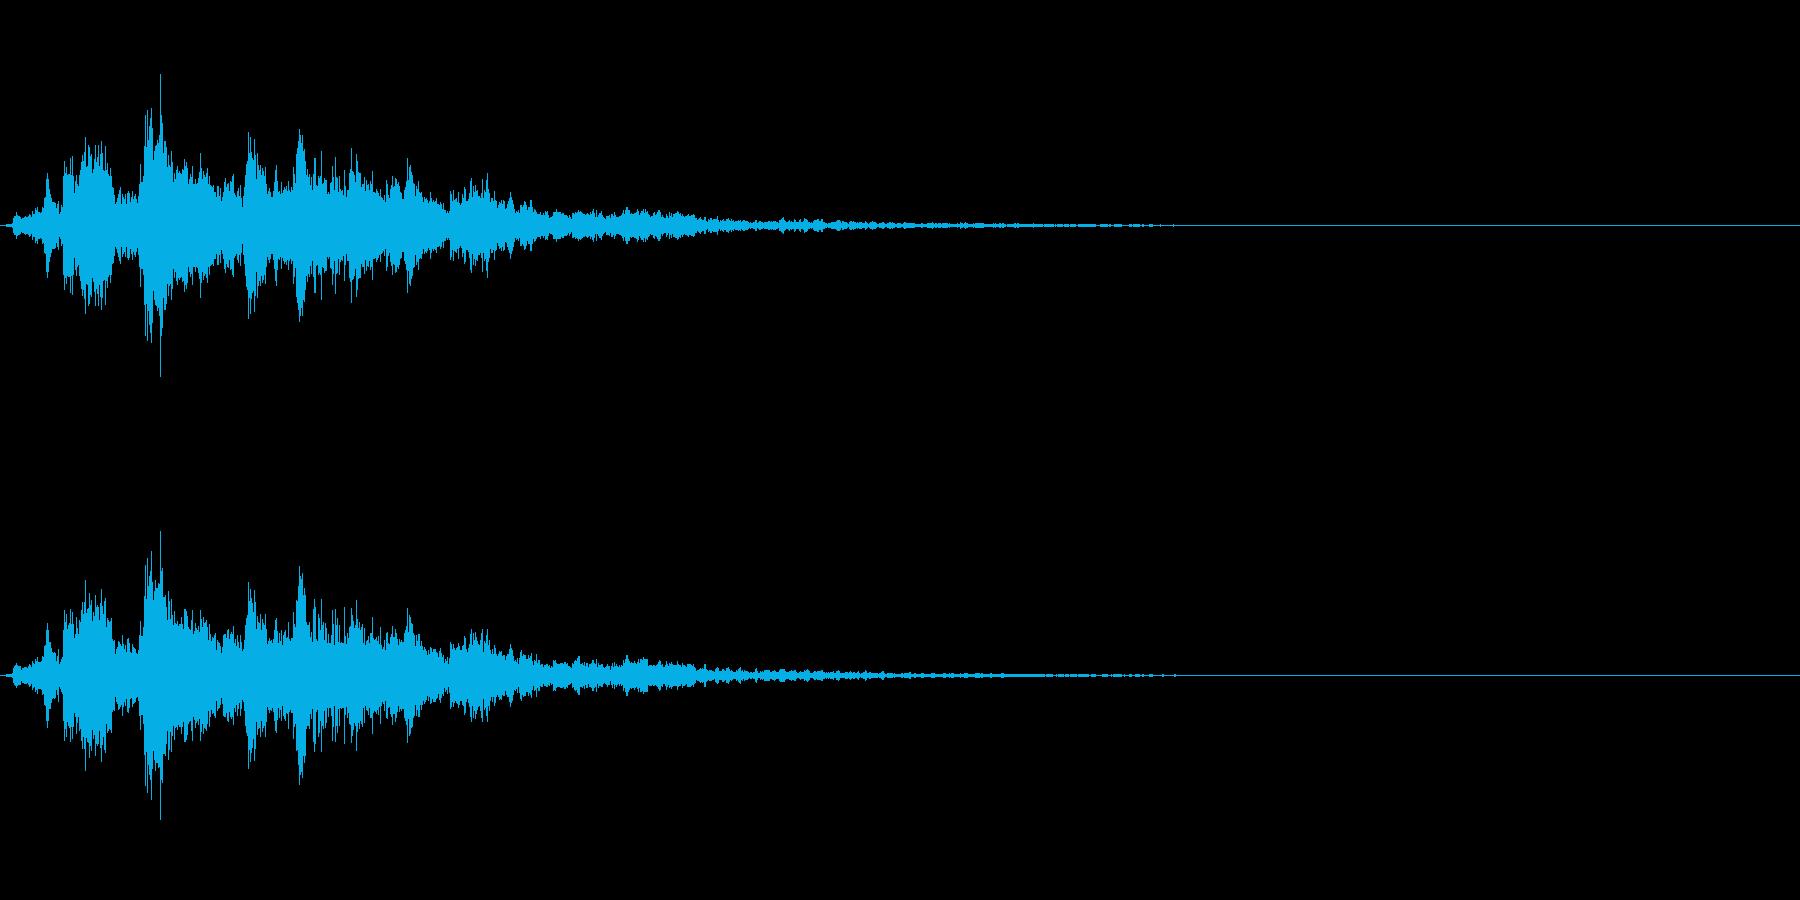 「シャシャシャン」ツリーベル音リバーブ入の再生済みの波形